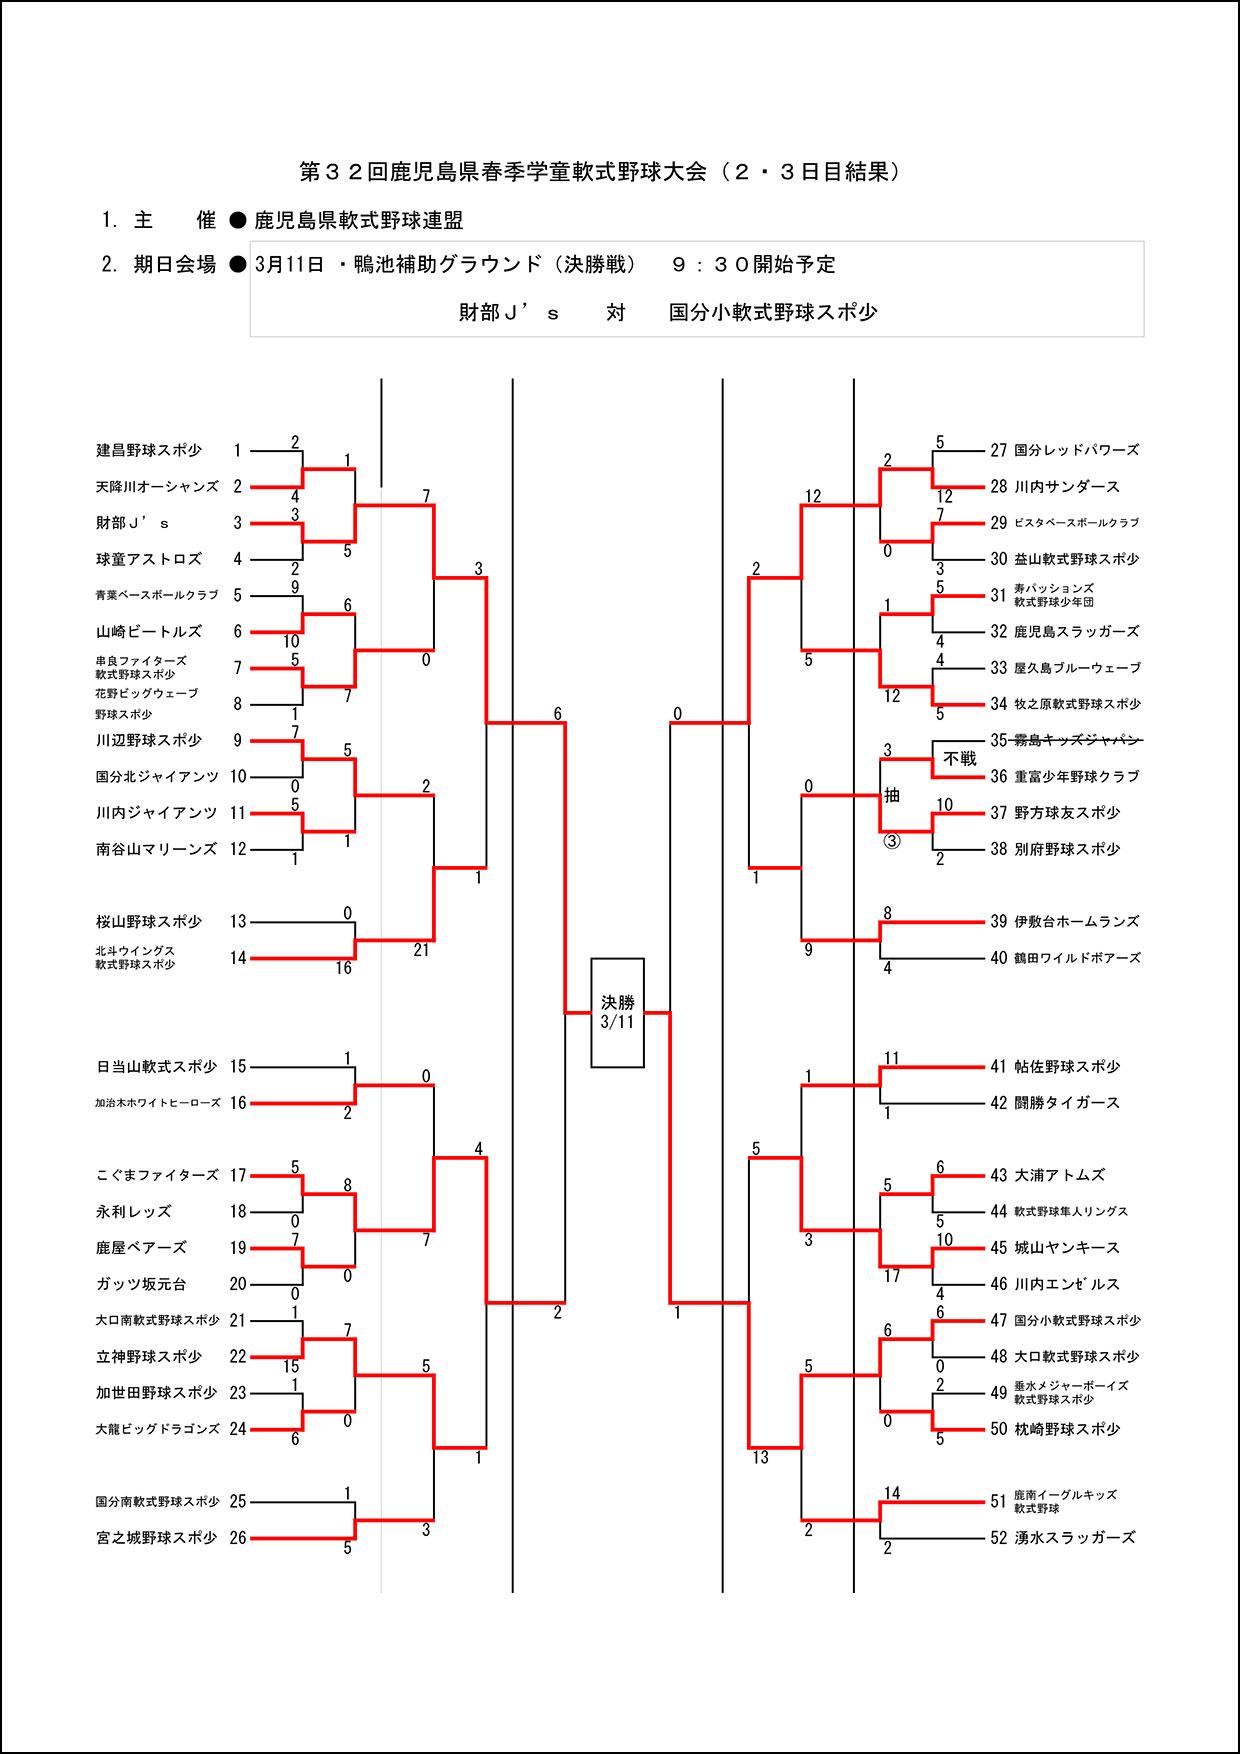 【2-3日目結果】第32回鹿児島県春季学童軟式野球大会